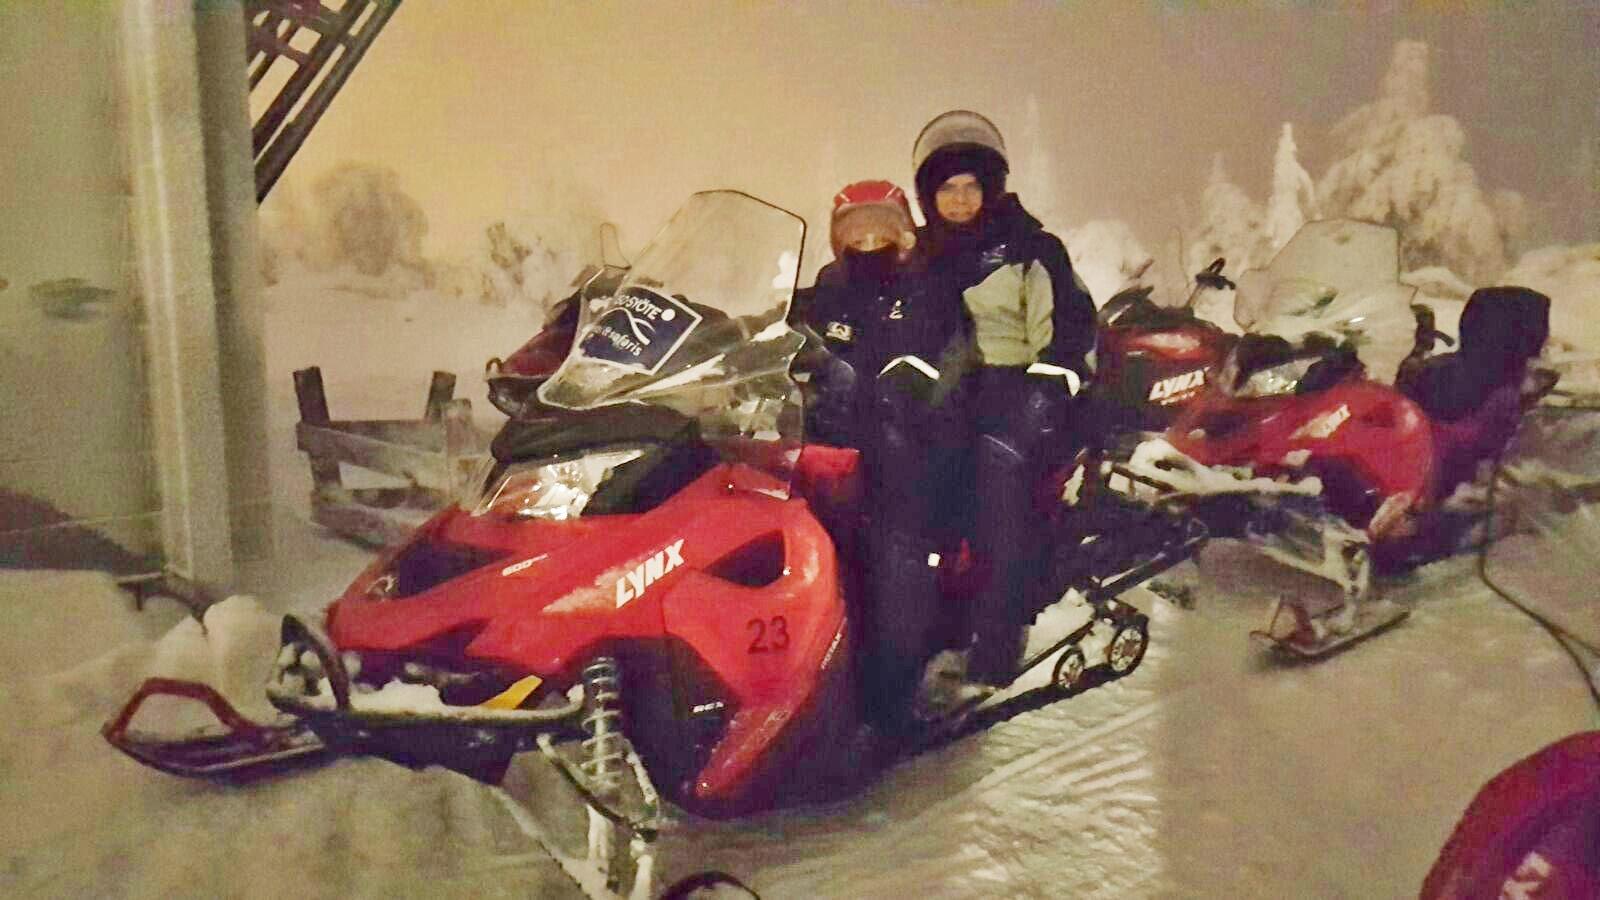 Robert y Helena disfrutando de un paseo en moto de nieve en Laponia